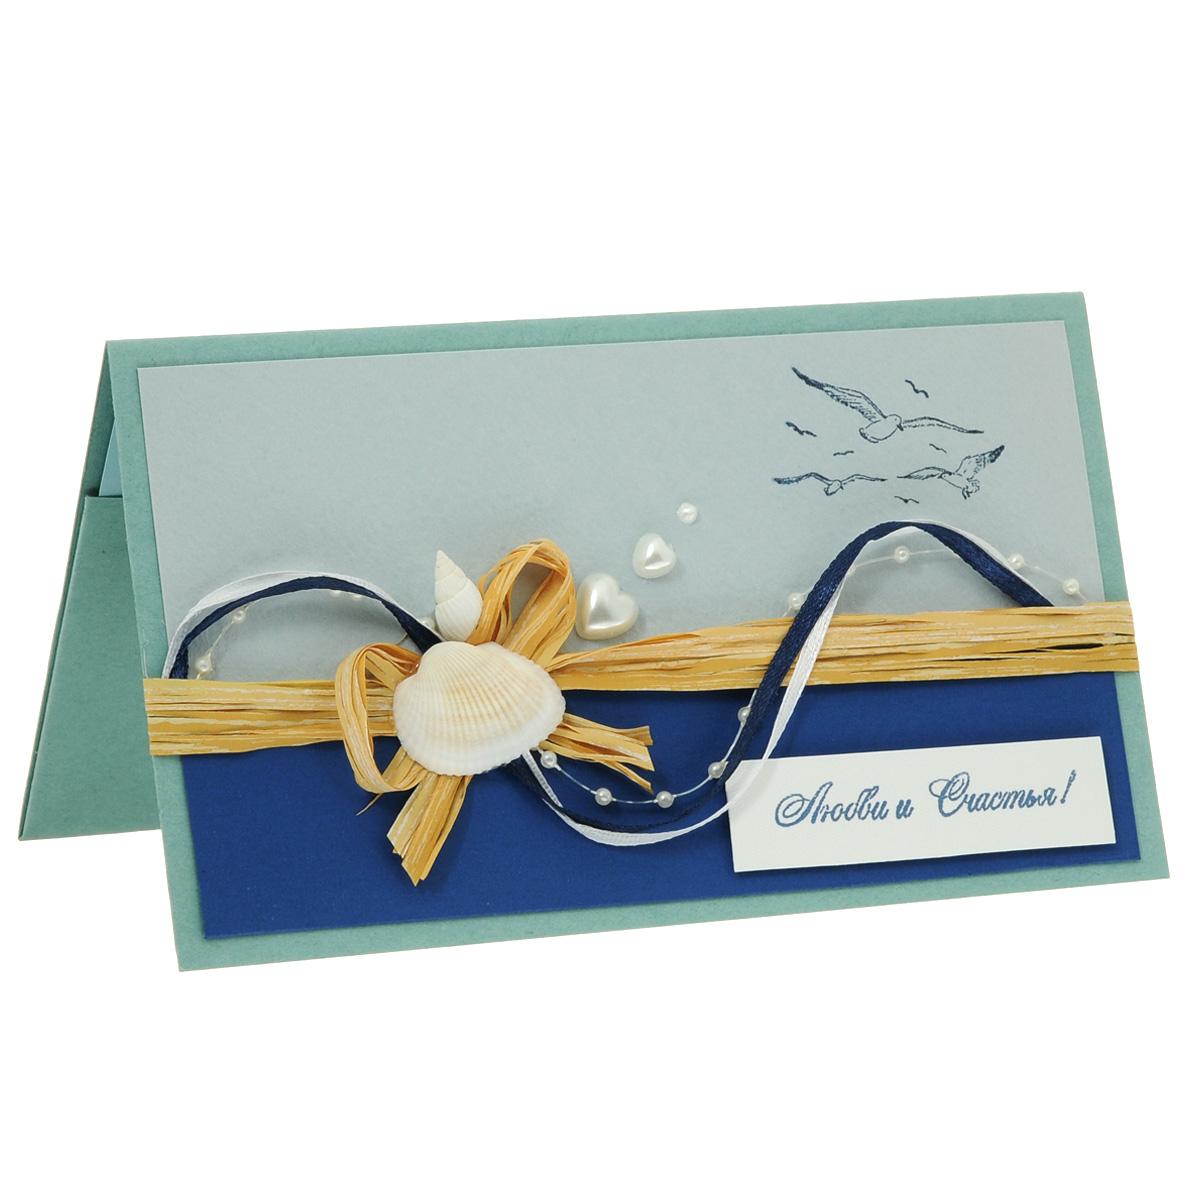 ОСВ-0002 Открытка-конверт «Любви и счастья» (морская). Студия «Тётя Роза»94976Характеристики: Размер 19 см x 11 см.Материал: Высоко-художественный картон, бумага, декор. Данная открытка может стать как прекрасным дополнением к вашему подарку, так и самостоятельным подарком. Так как открытка является и конвертом, в который вы можете вложить ваш денежный подарок или просто написать ваши пожелания на вкладыше.Пожелания в морском стиле настроят на приятные воспоминания о летнем отдыхе и романтических вечерах. Конверт выполнен в бирюзово-синей морской гамме. В декоре использованы натуральные материалы: раффия, мелкие жемчужины и ракушки. Также открытка упакована в пакетик для сохранности.Обращаем Ваше внимание на то, что открытка может незначительно отличаться от представленной на фото.Открытки ручной работы от студии Тётя Роза отличаются своим неповторимым и ярким стилем. Каждая уникальна и выполнена вручную мастерами студии. (Открытка для мужчин, открытка для женщины, открытка на день рождения, открытка с днем свадьбы, открытка винтаж, открытка с юбилеем, открытка на все случаи, скрапбукинг)